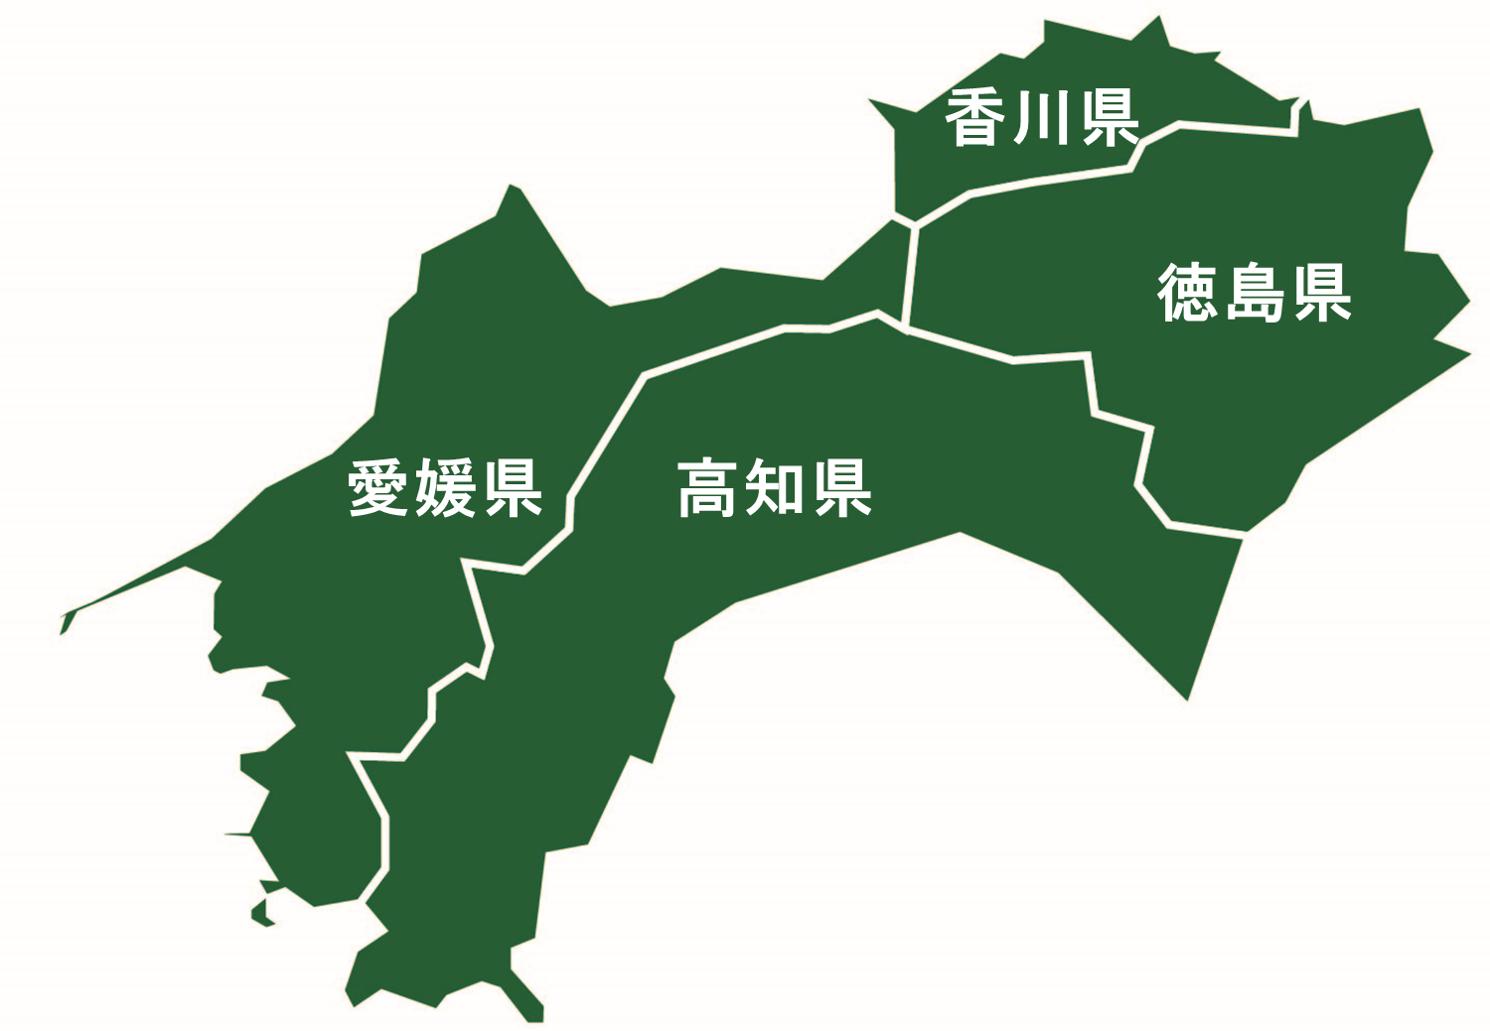 【四国エリア】地域固有の環境を捉えた「ビジネス着想力」を強化